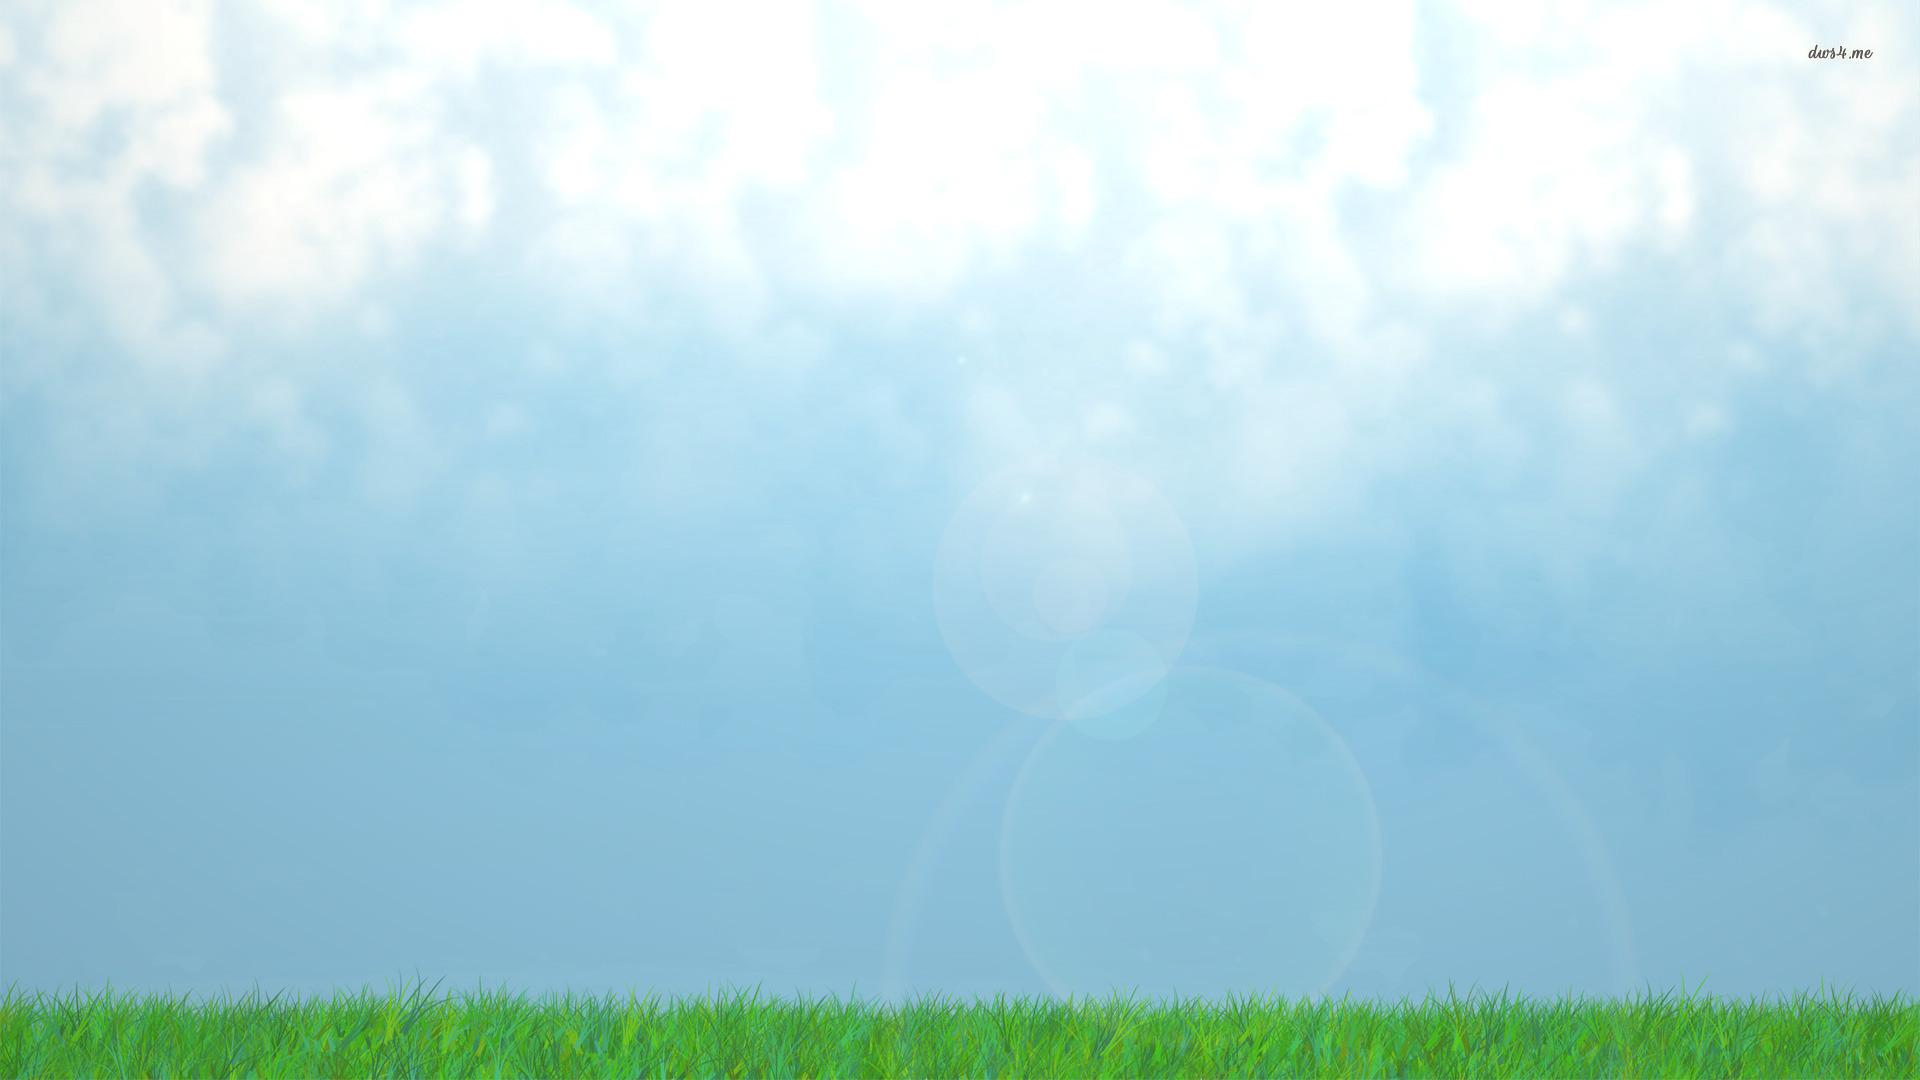 src/components/images/sky-clipart-sky-wallpaper-14.jpg